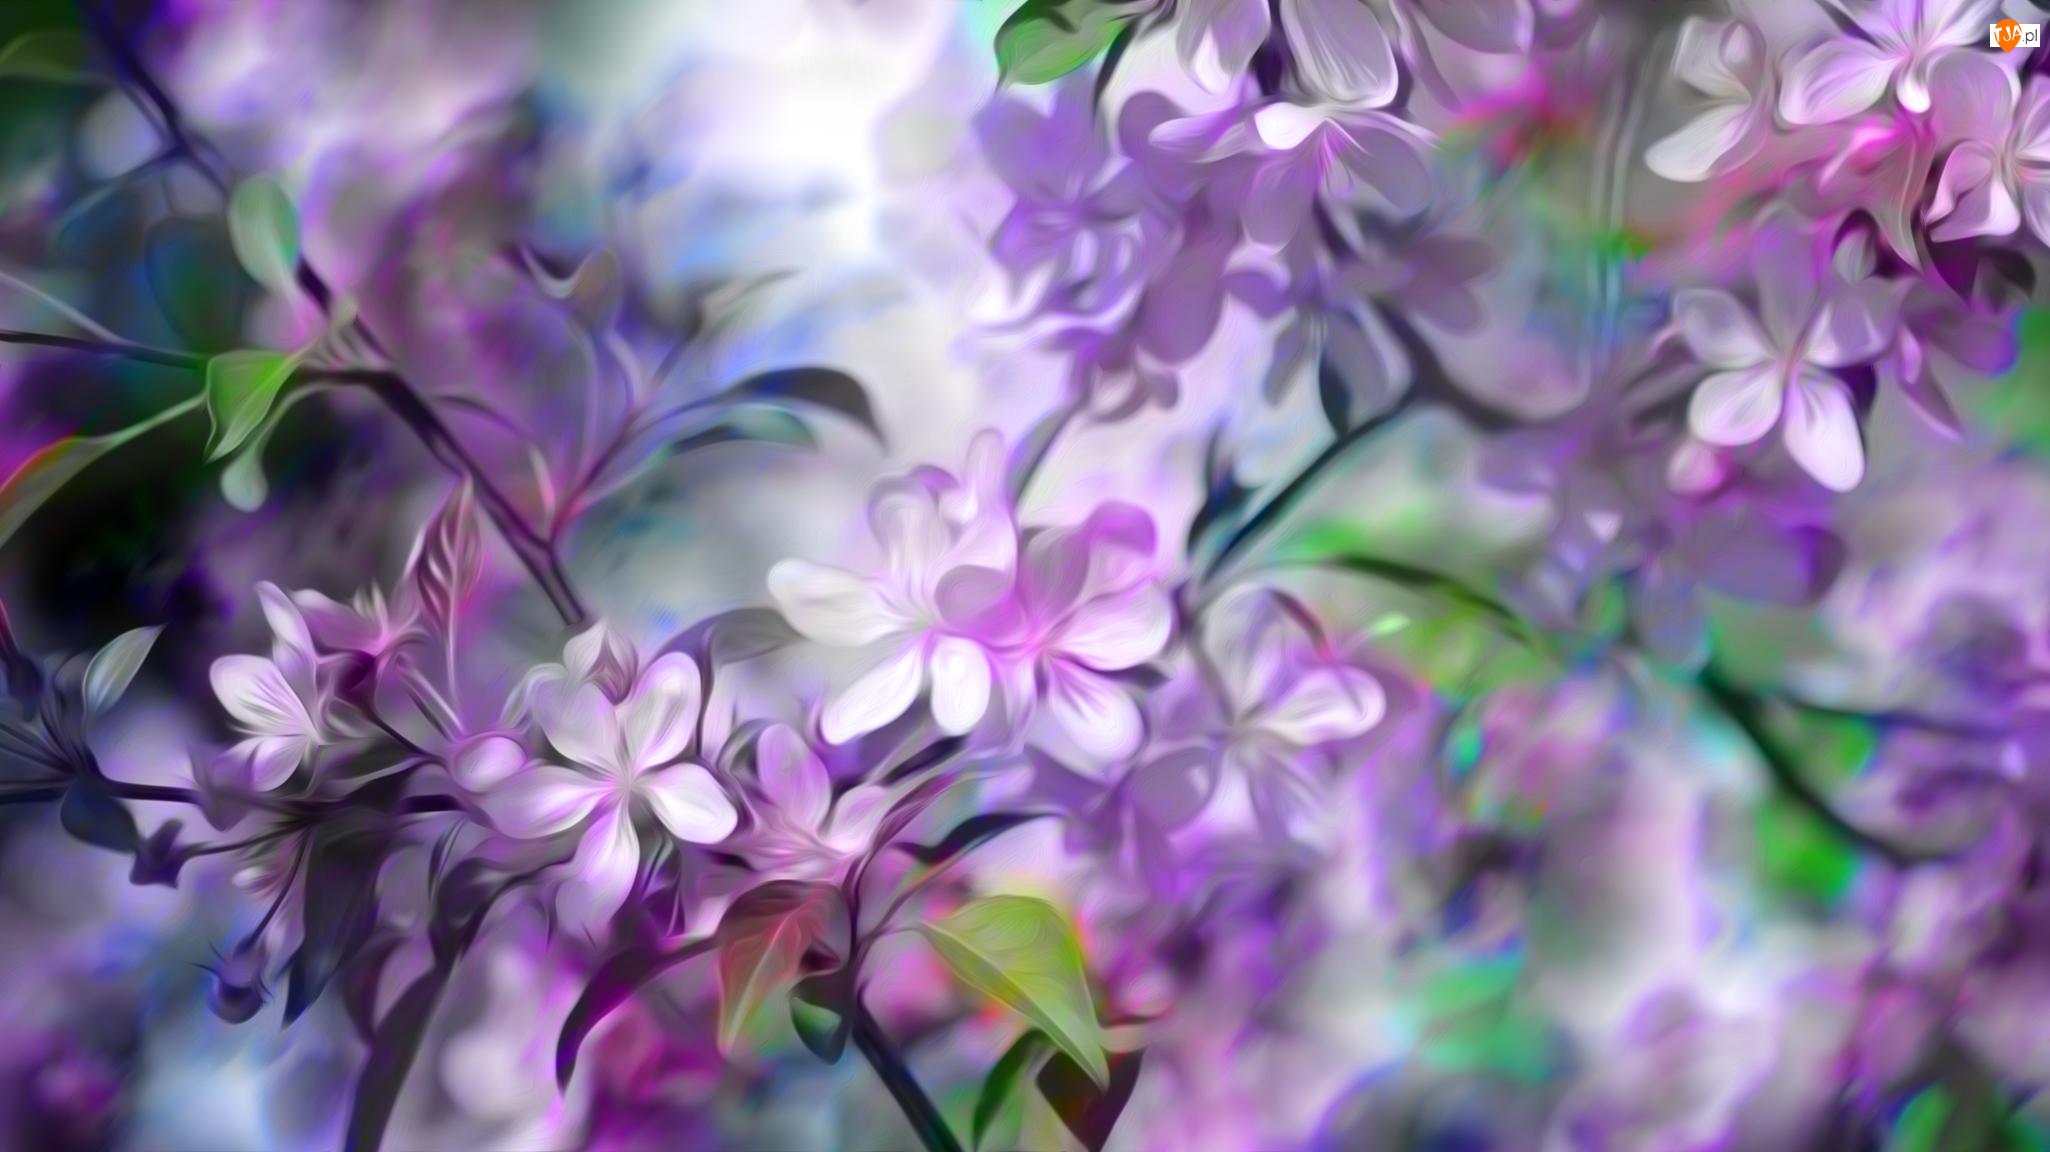 Grafika, Biało-różowe, Kwiaty, Gałązki